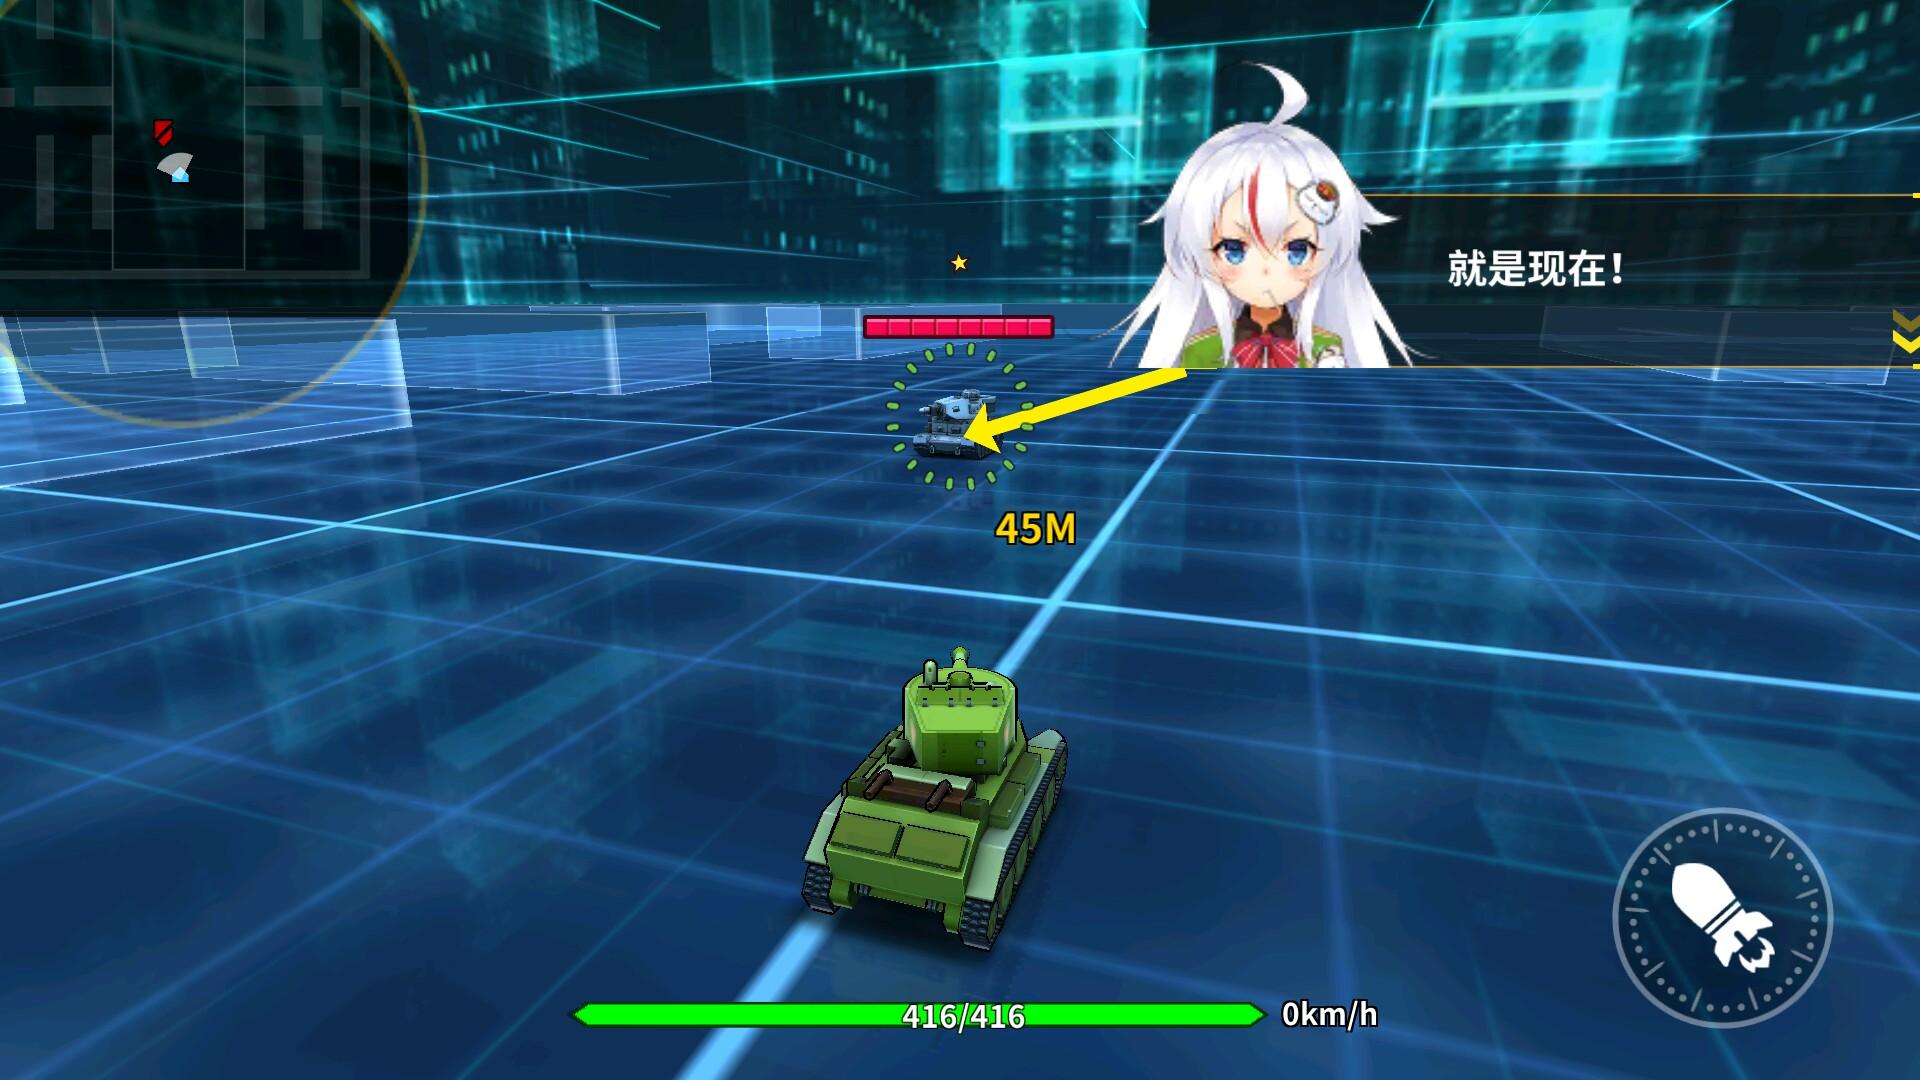 《装甲联盟》游戏截图UI欣赏38